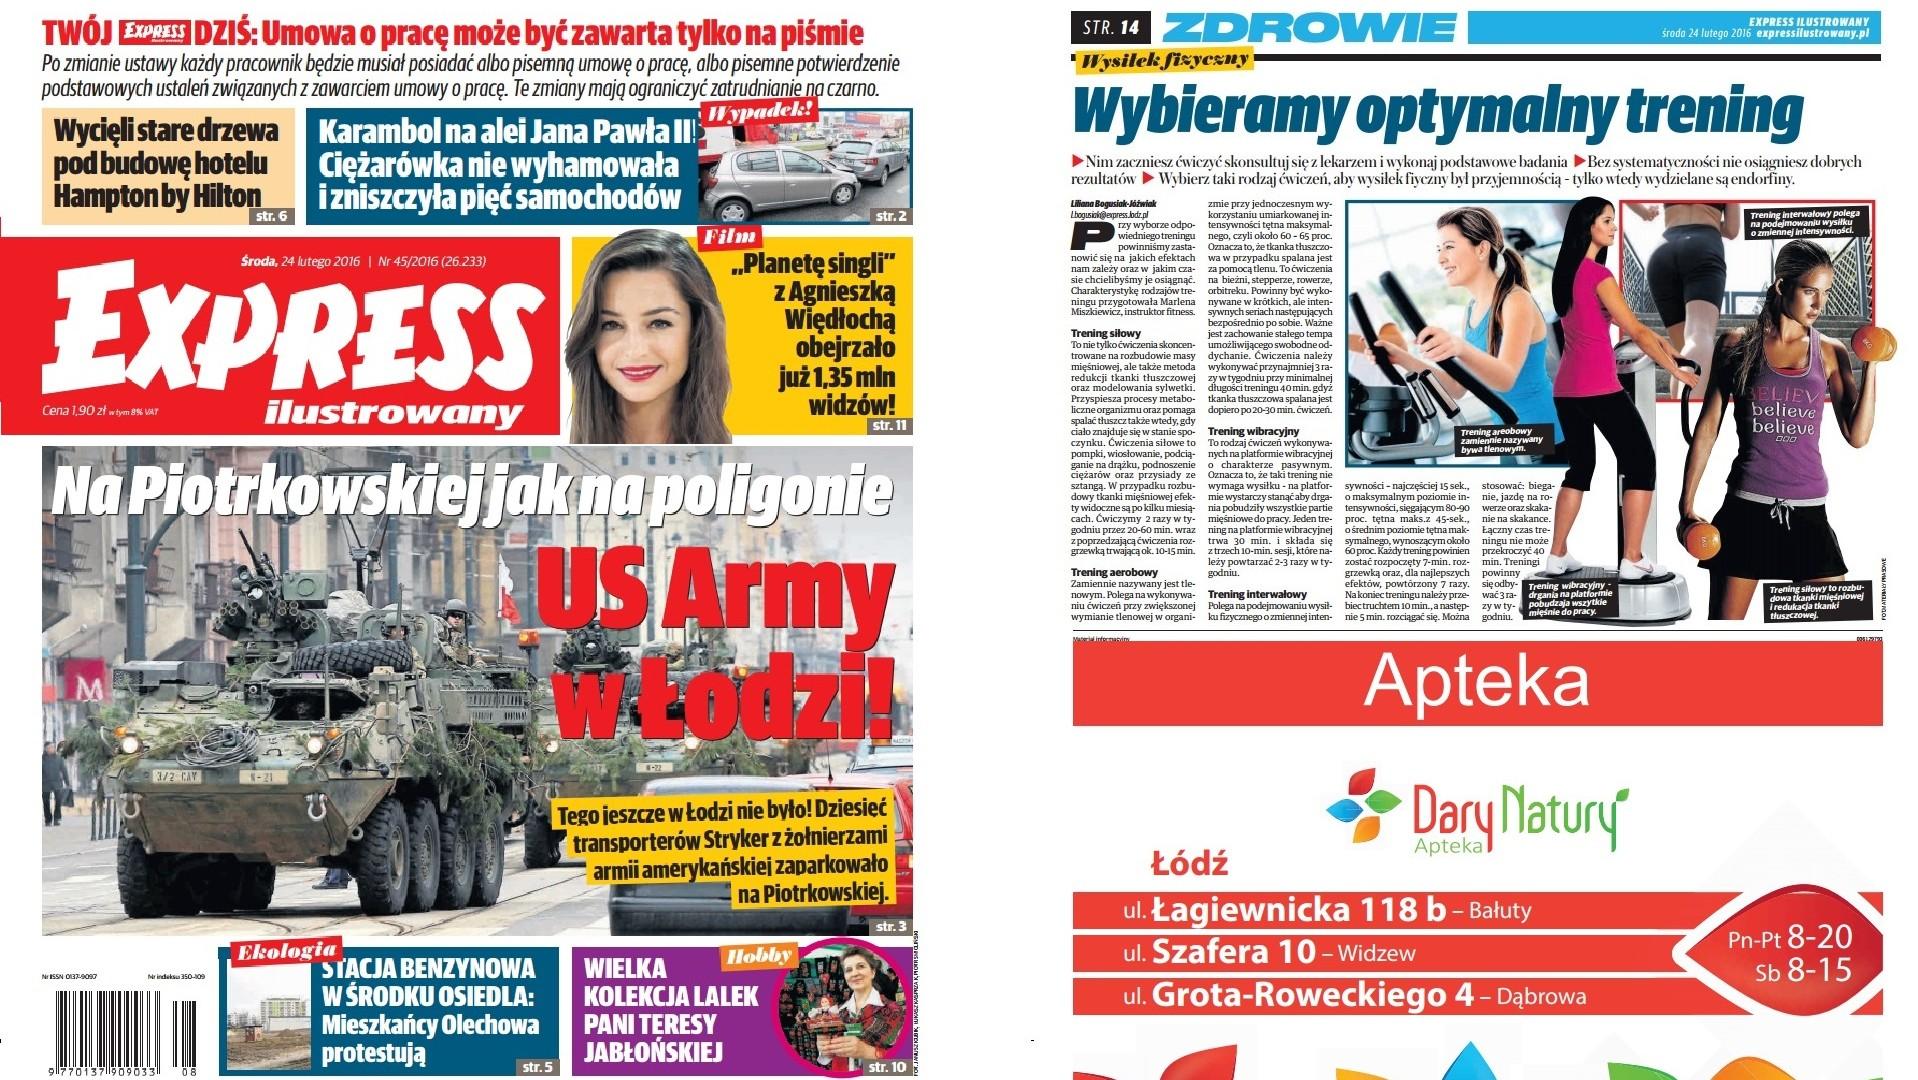 Wydanie Expressu z naszą reklamą